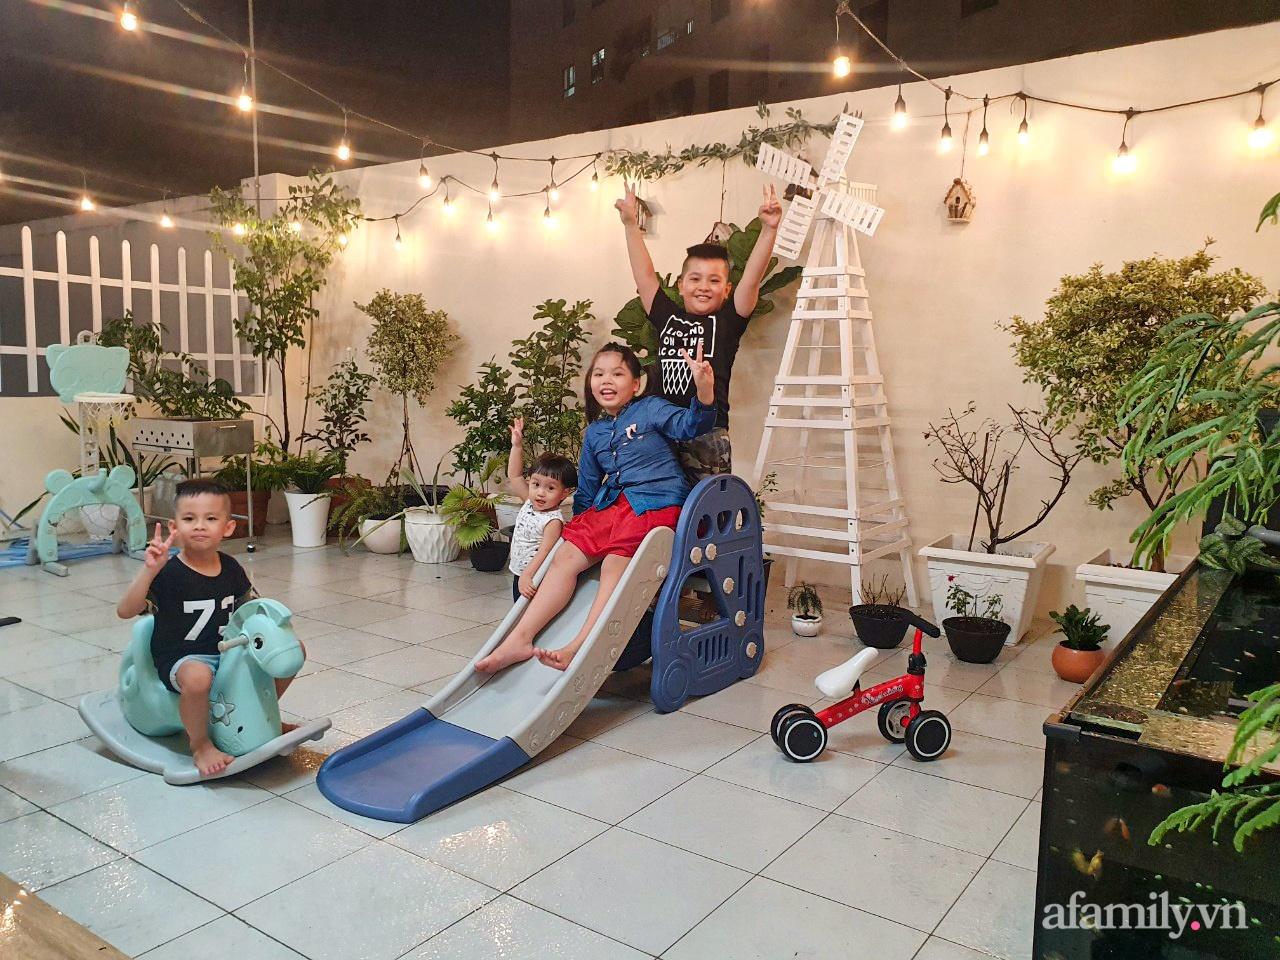 Căn hộ 180m² được vợ chồng trẻ cải tạo vừa ở vừa làm vườn có chi phí 550 triệu đồng ở Sài Gòn - Ảnh 18.